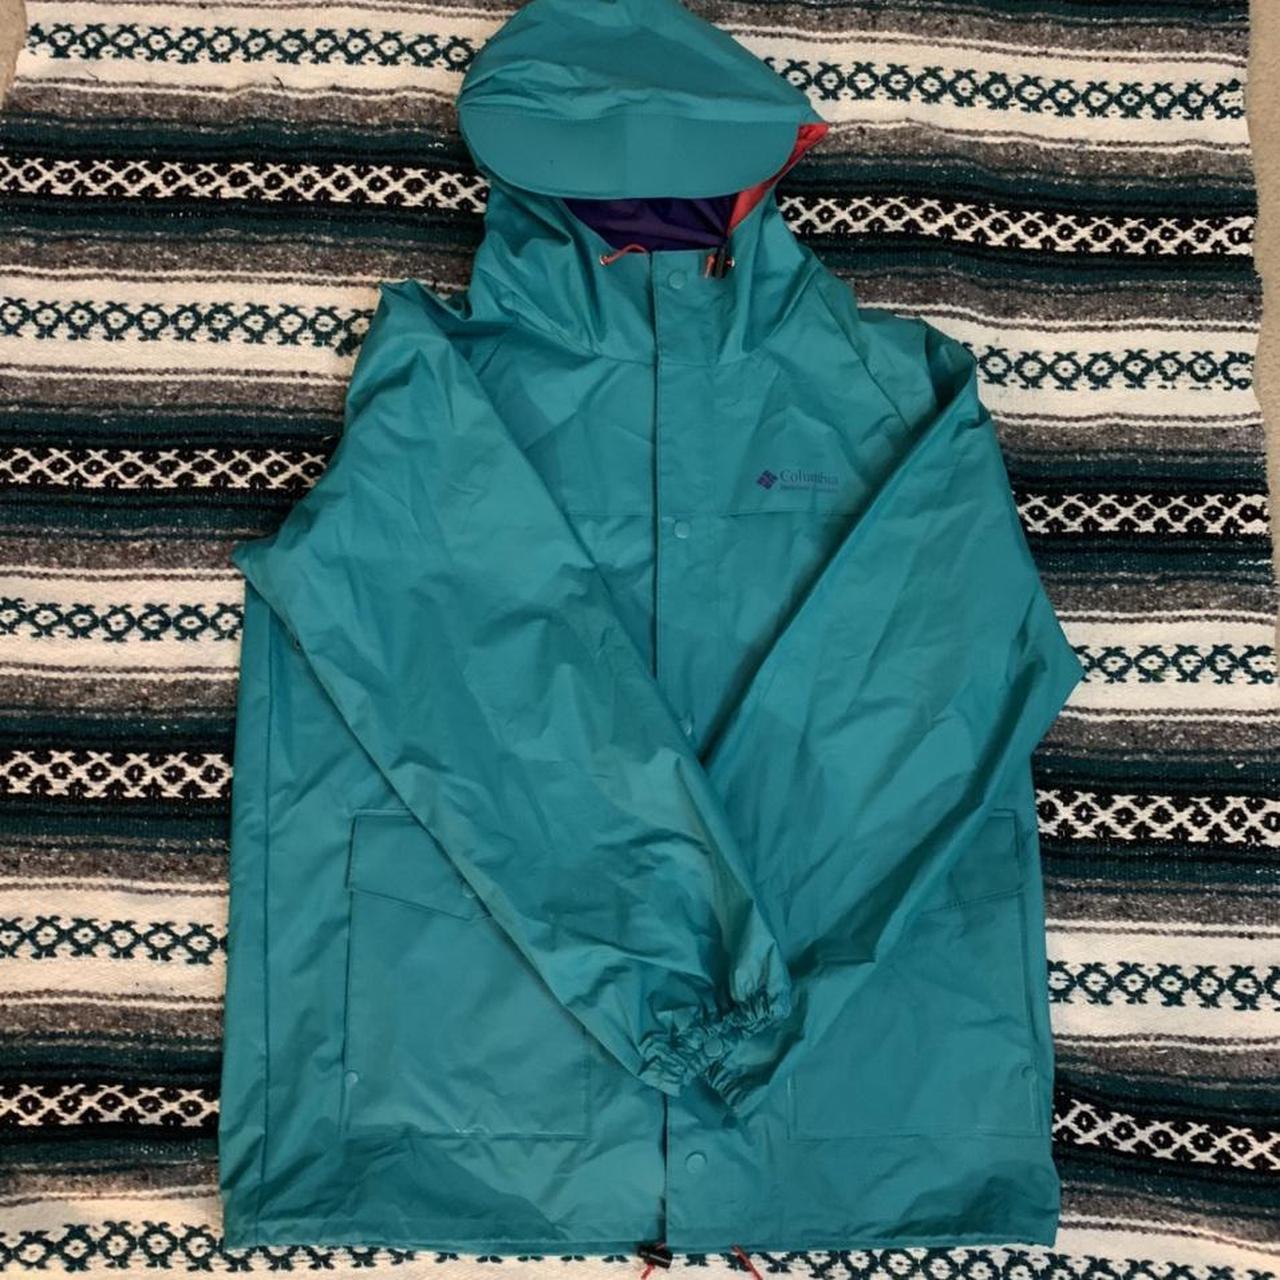 Product Image 1 - Vintage Columbia rain jacket  Size